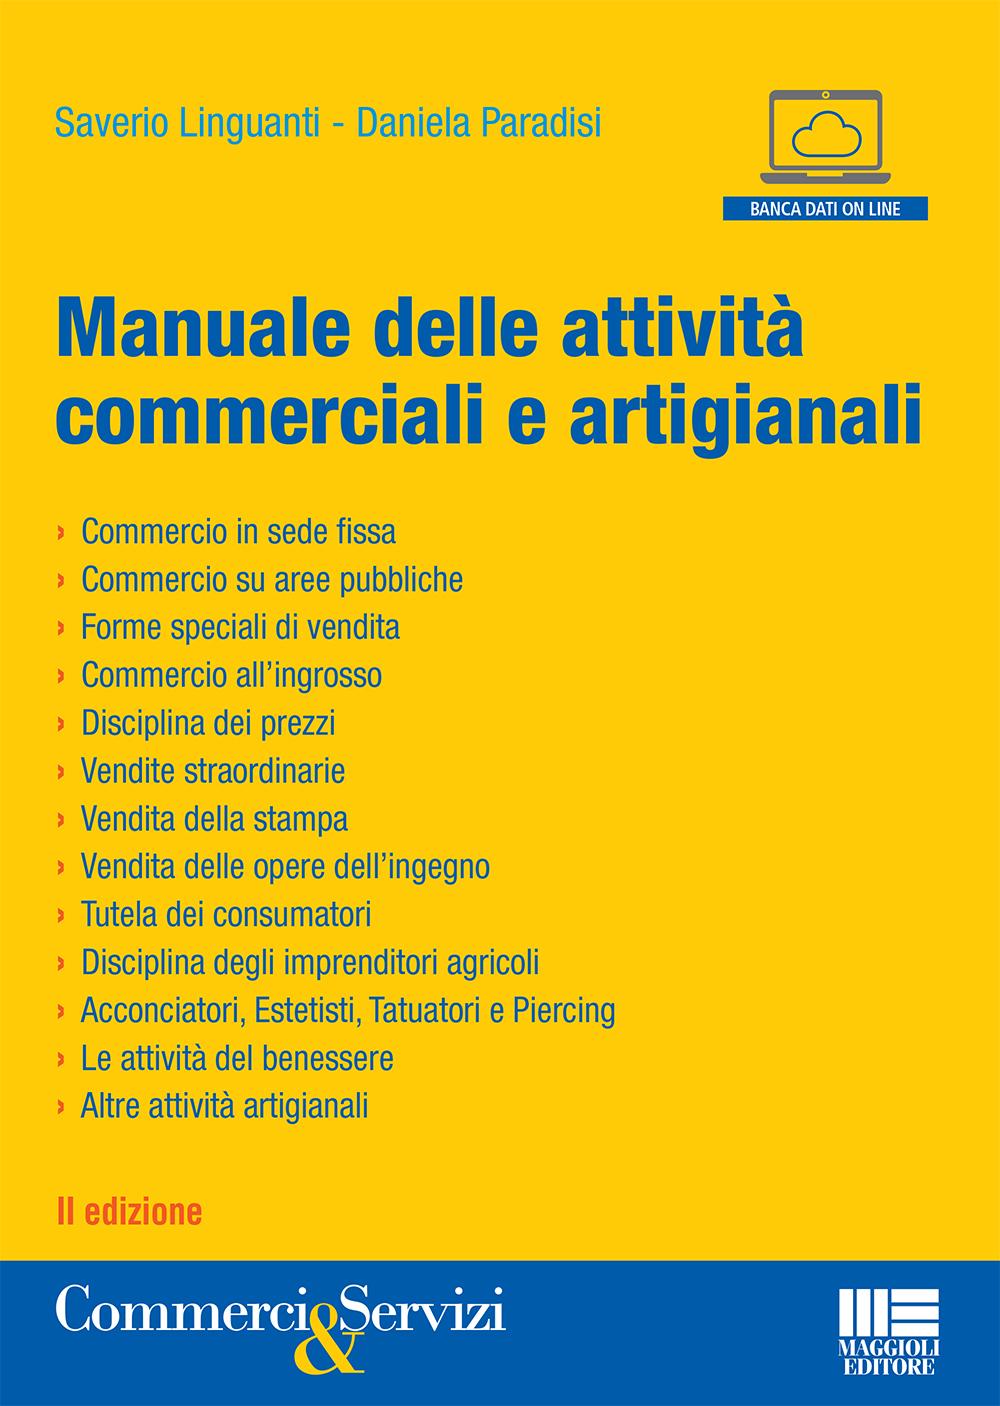 MANUALE DELLE ATTIVITA\' COMMERCIALI ED ARTIGIANALI